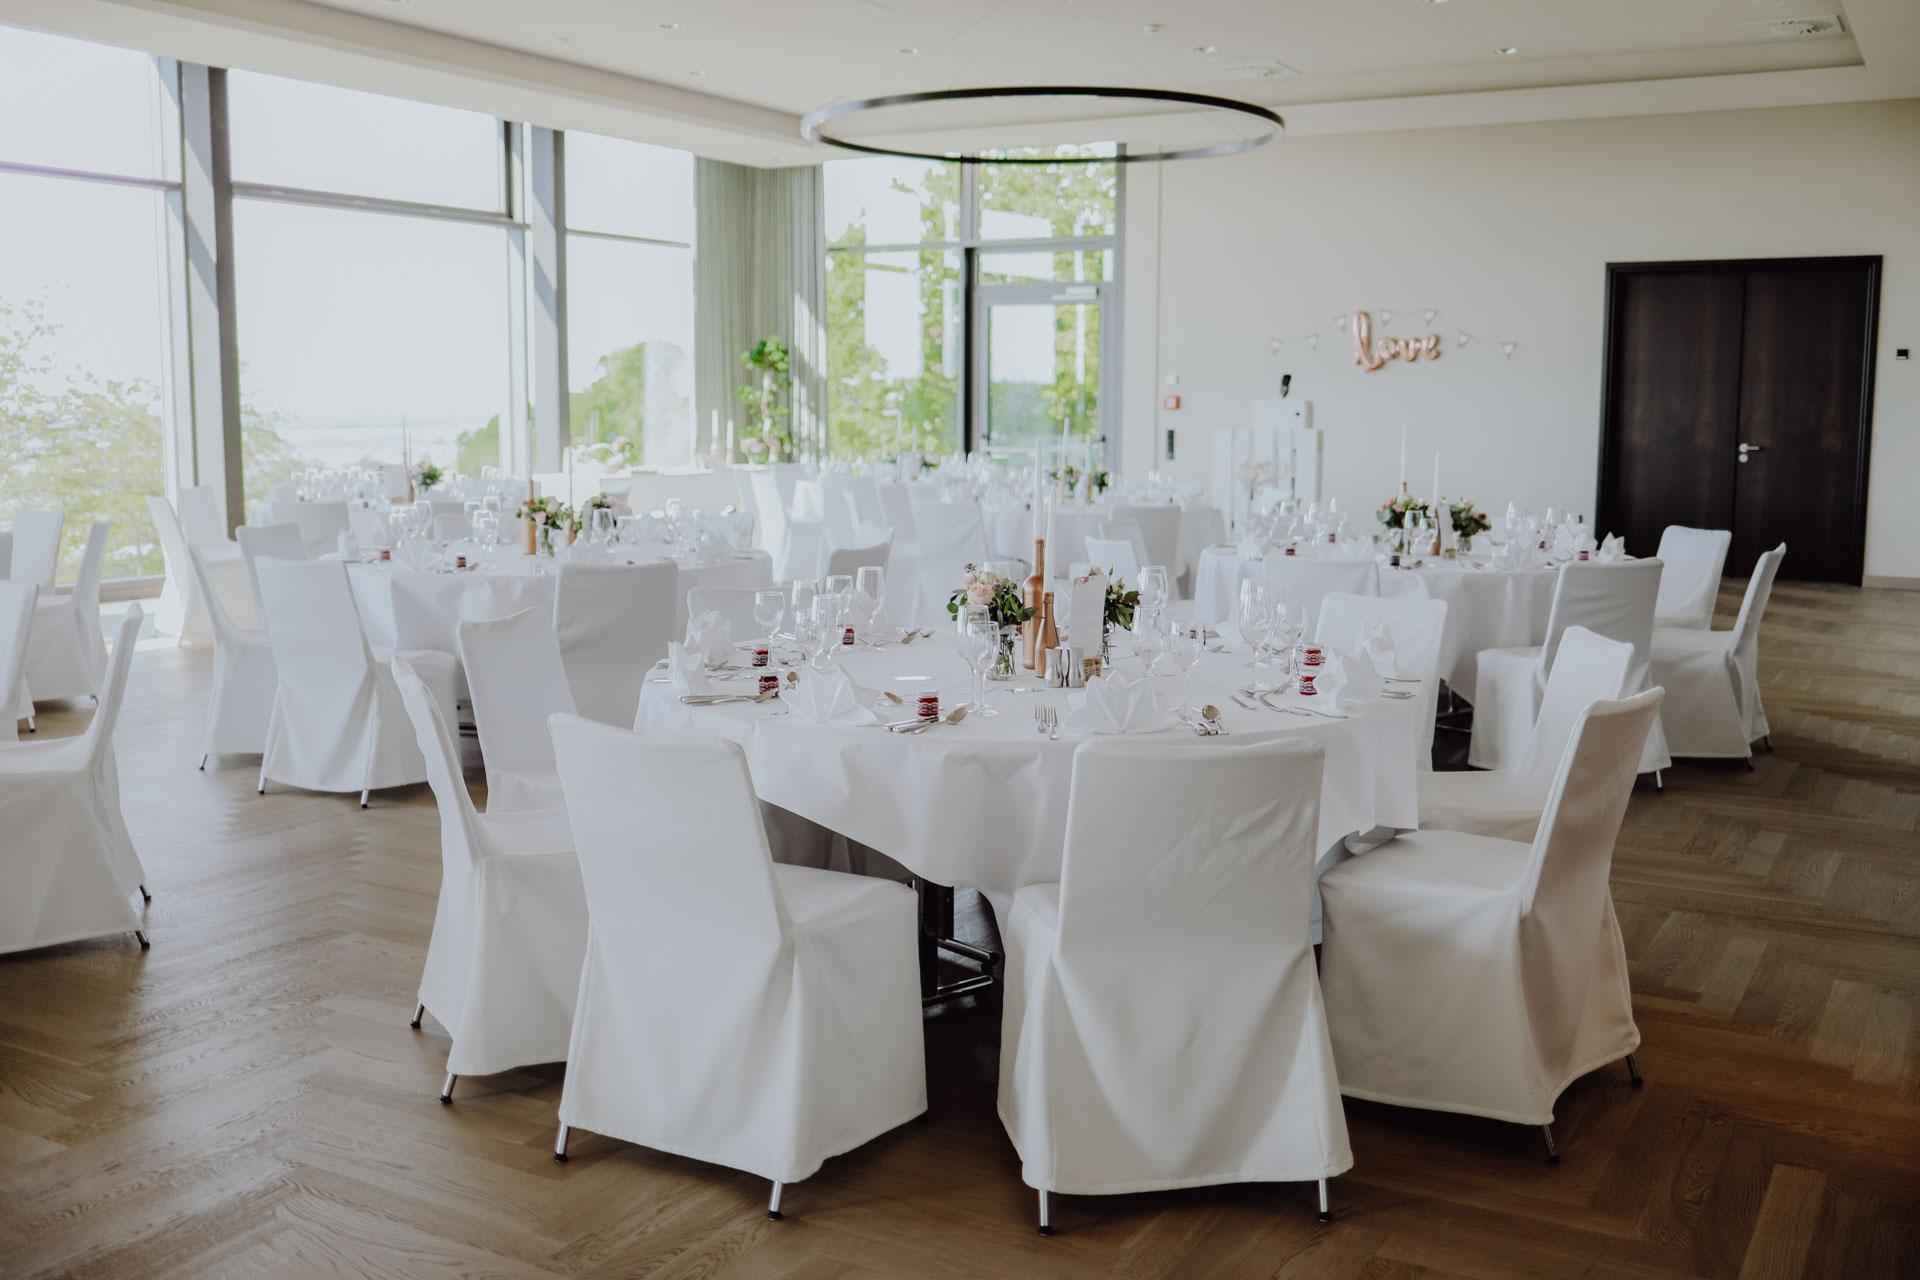 Gedeckter Festsaal mit Tischen